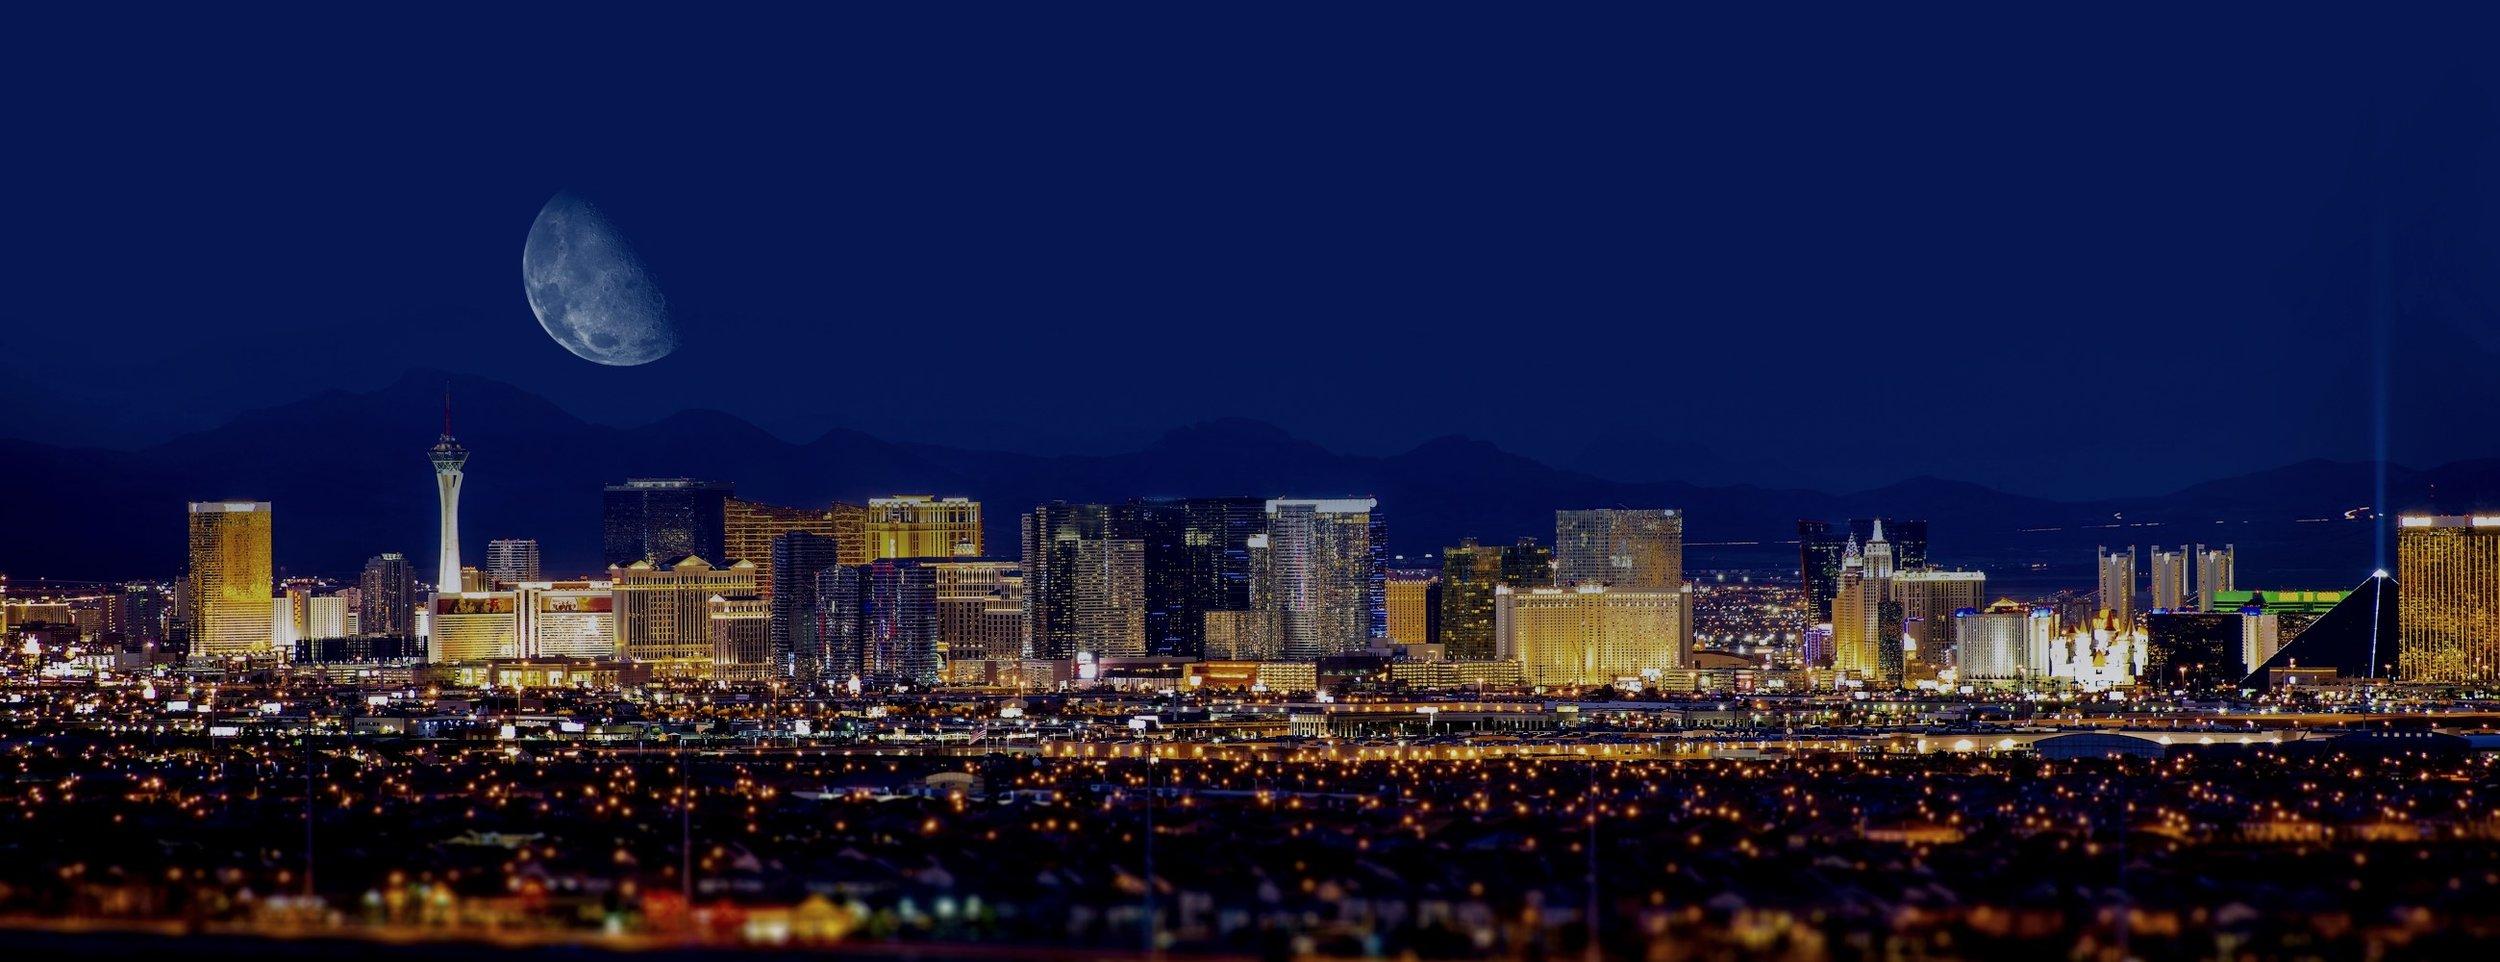 #VegasStrong - empowering the LV community